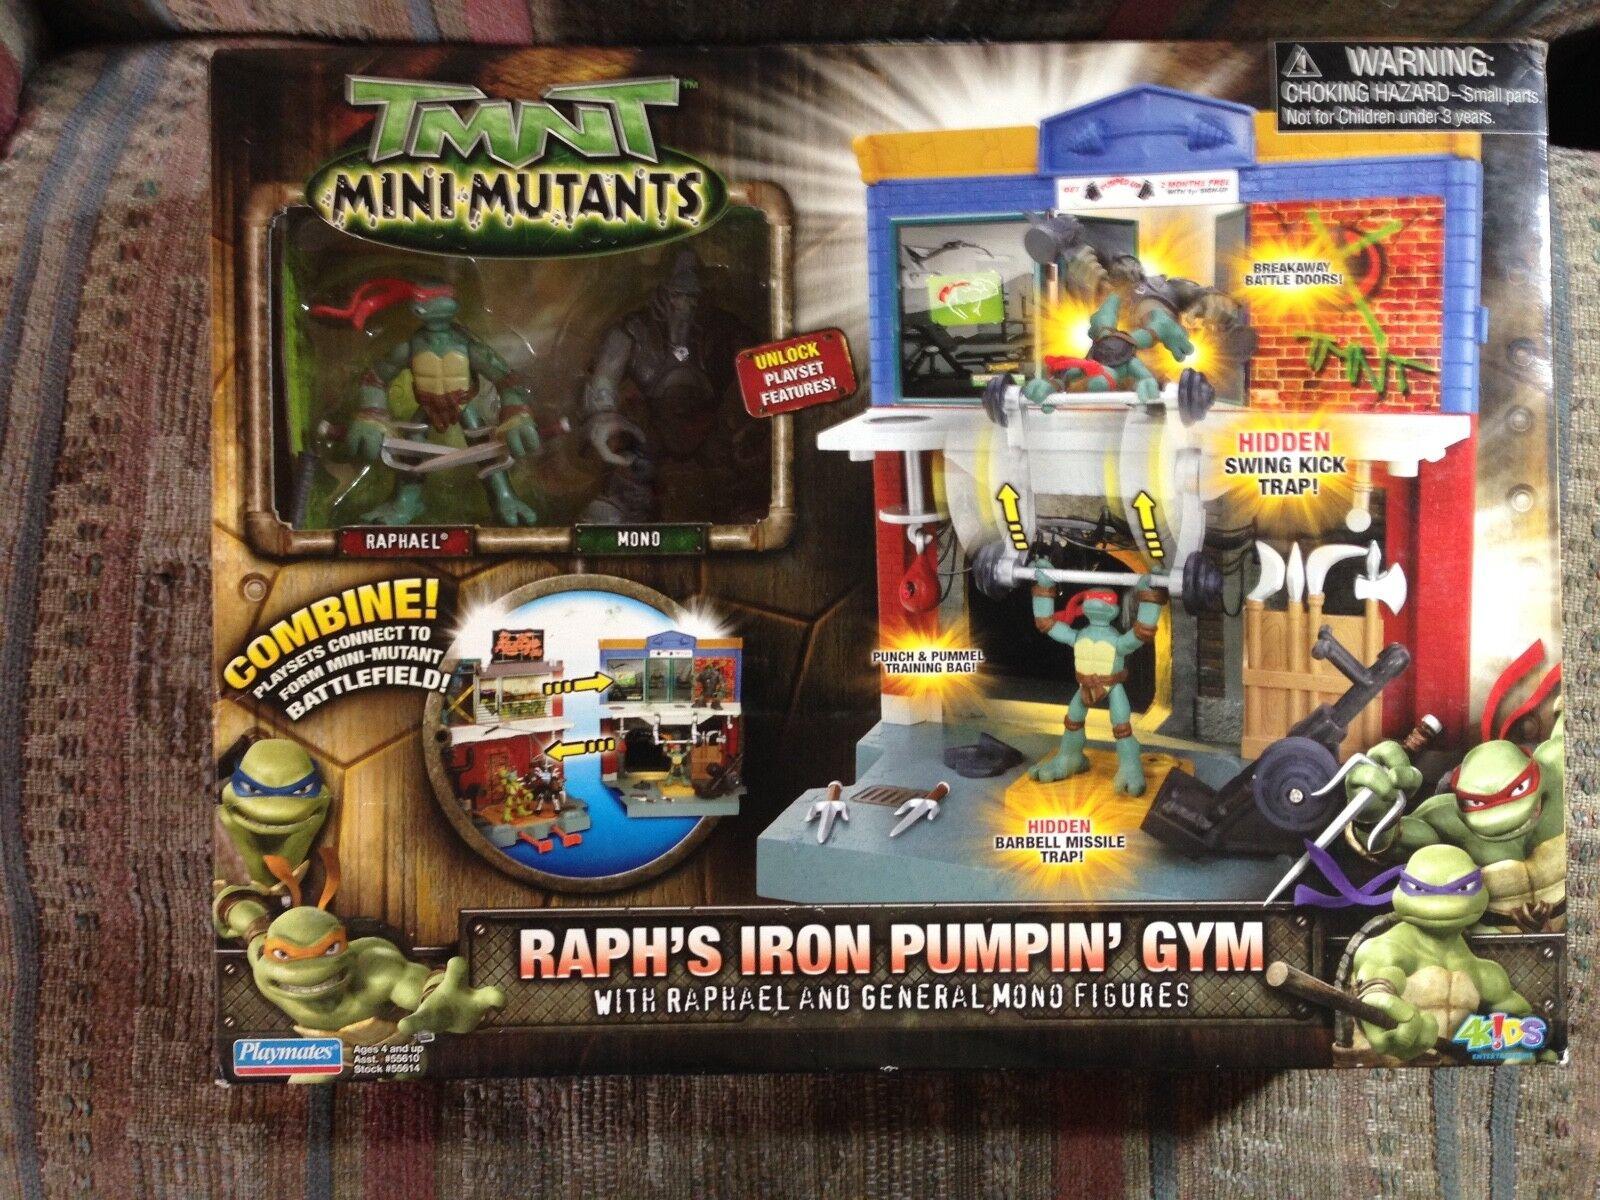 Ralph ist eisen pumpen tmnt fitnessraum mit raphael & general mono. 2007